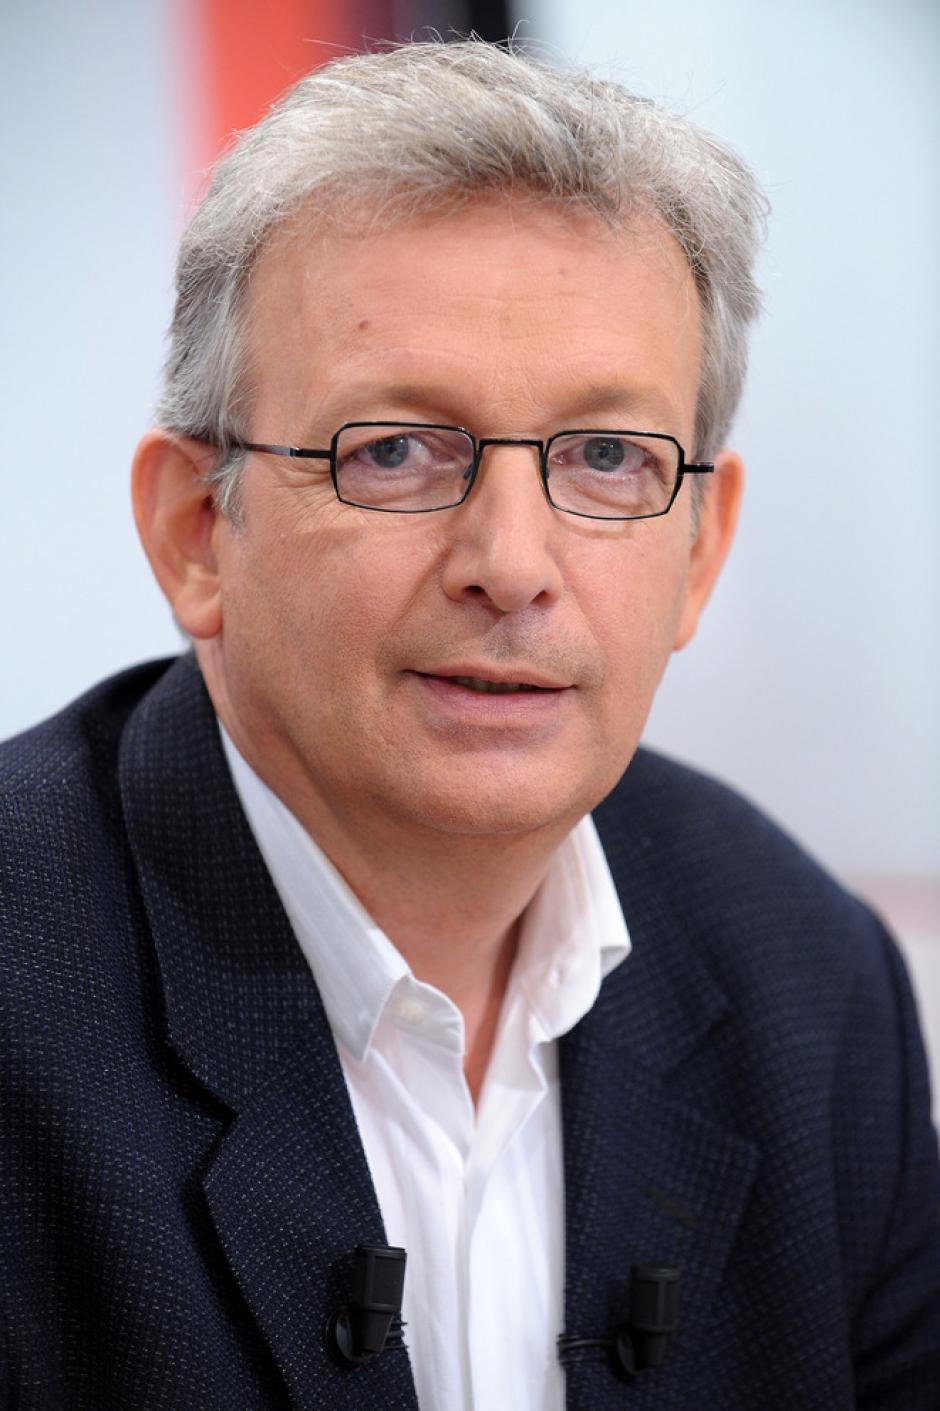 Pierre Laurent invité de Jean-Jacques Bourdin dans la matinale de RMC et BFM TV